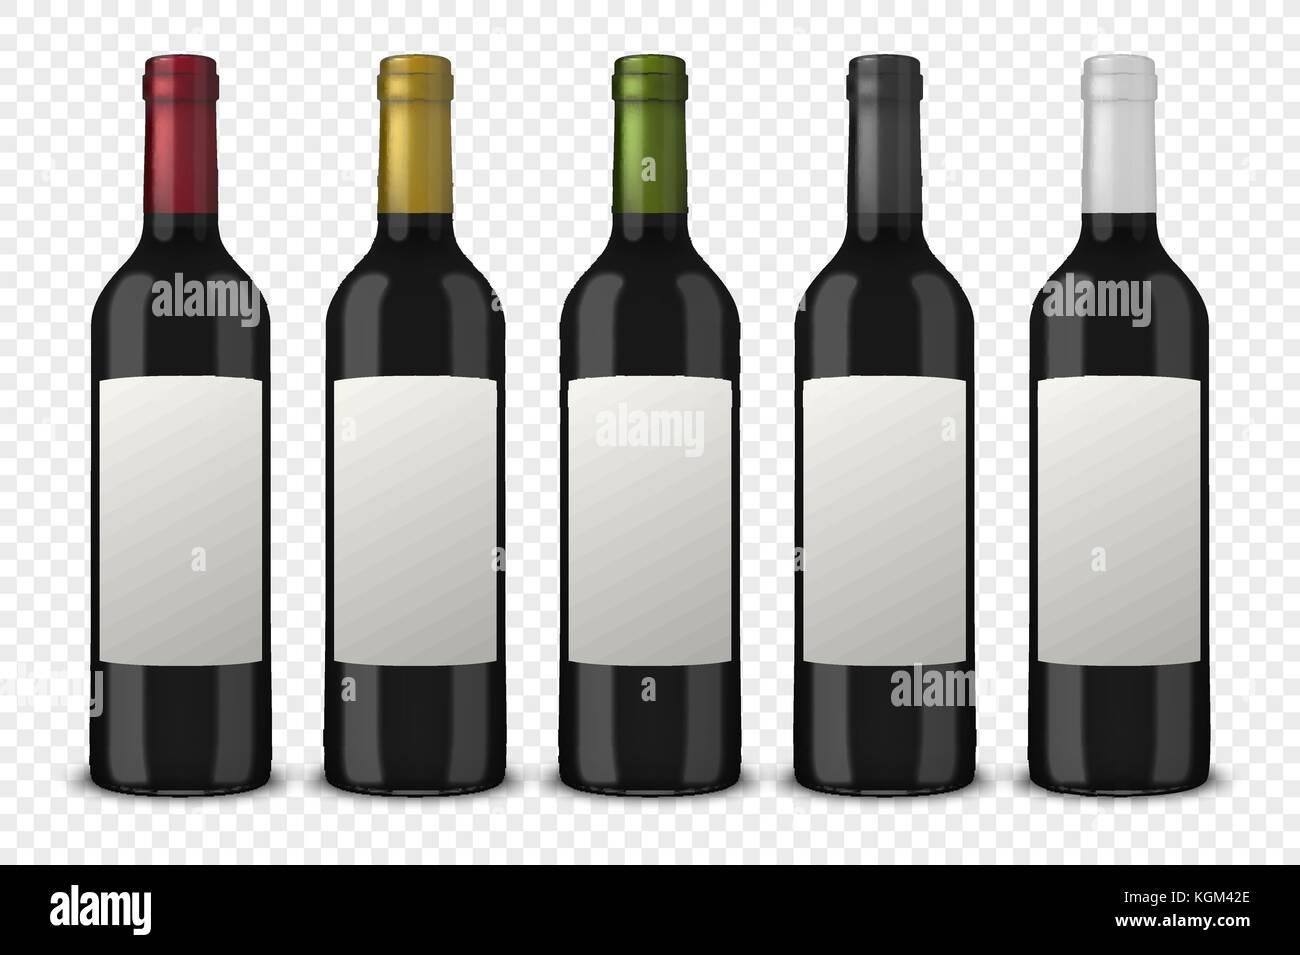 Set 5 Vettore Realistico Nero A Bottiglie Di Vino Senza Etichette